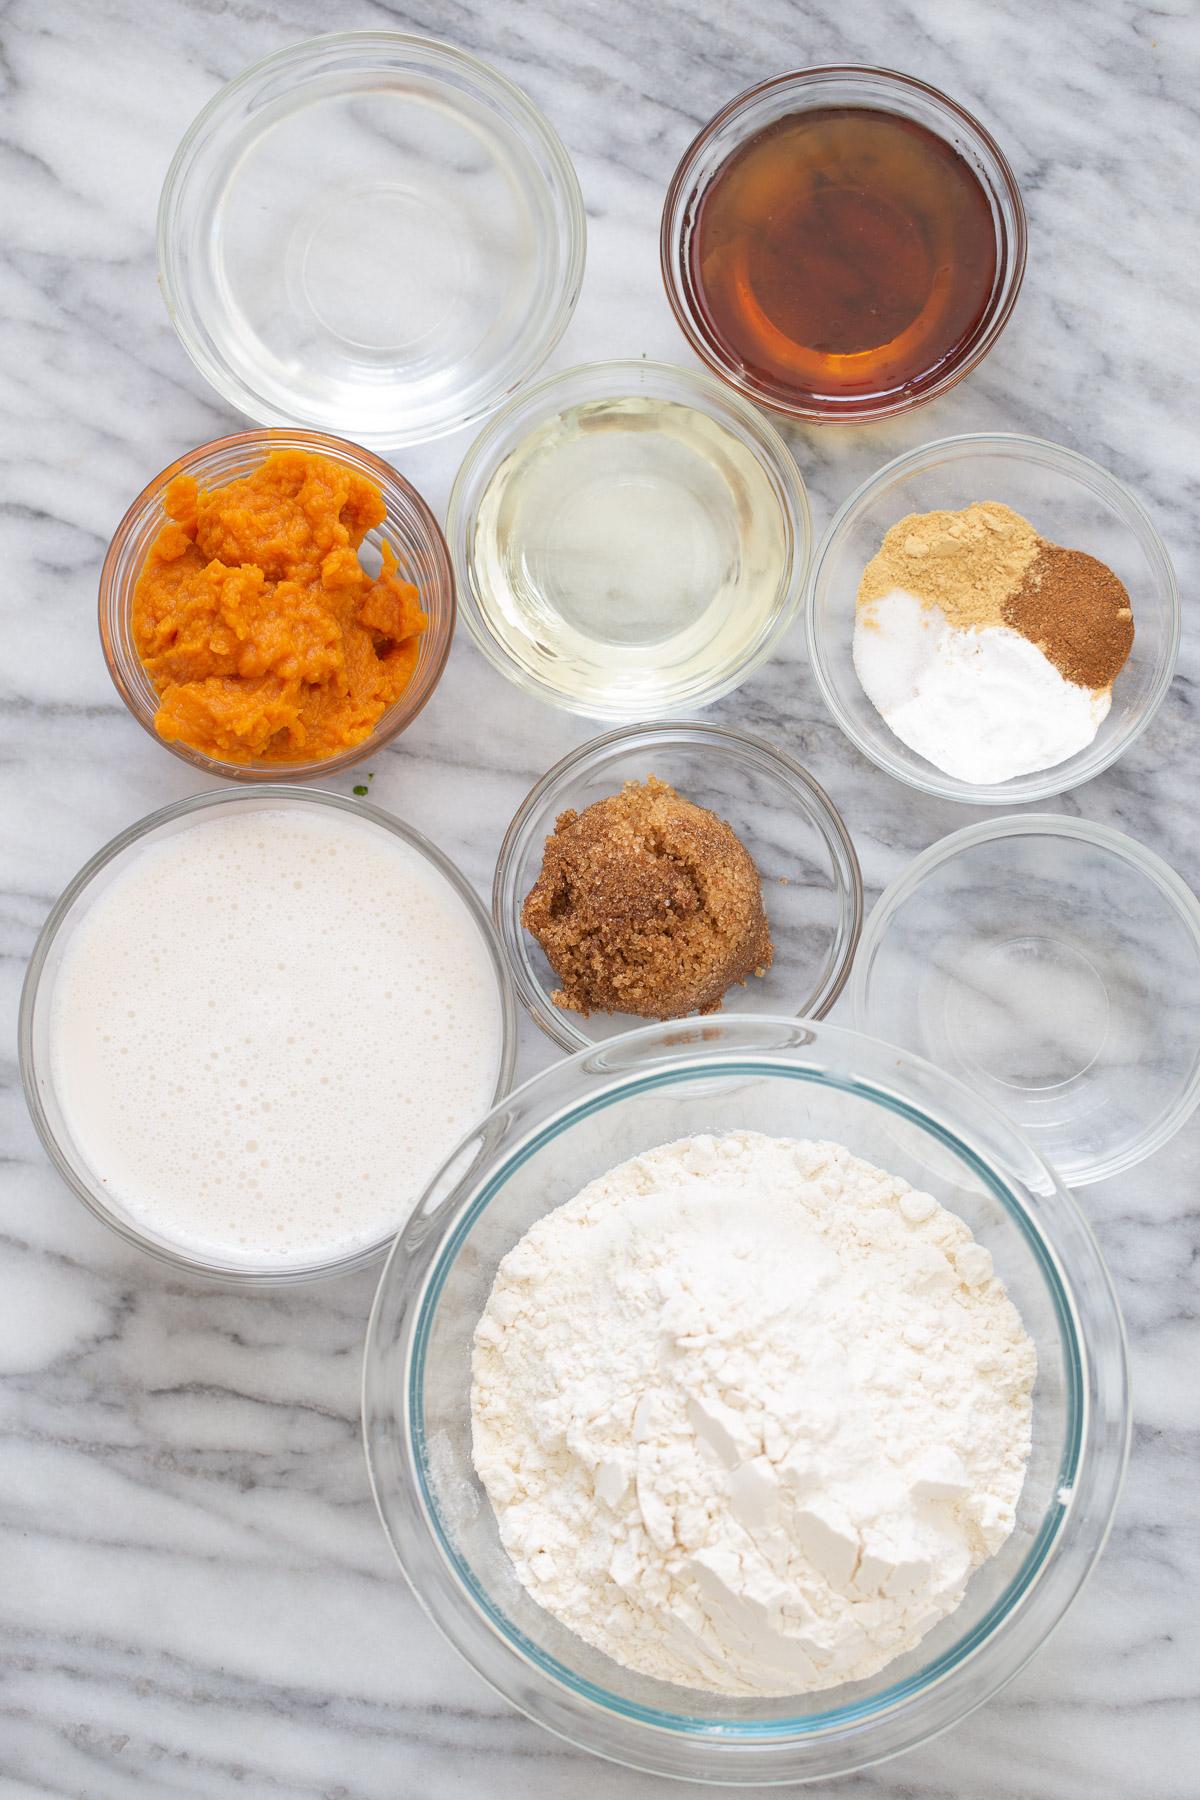 ingredients for vegan pumpkin pancakes on a marble slate